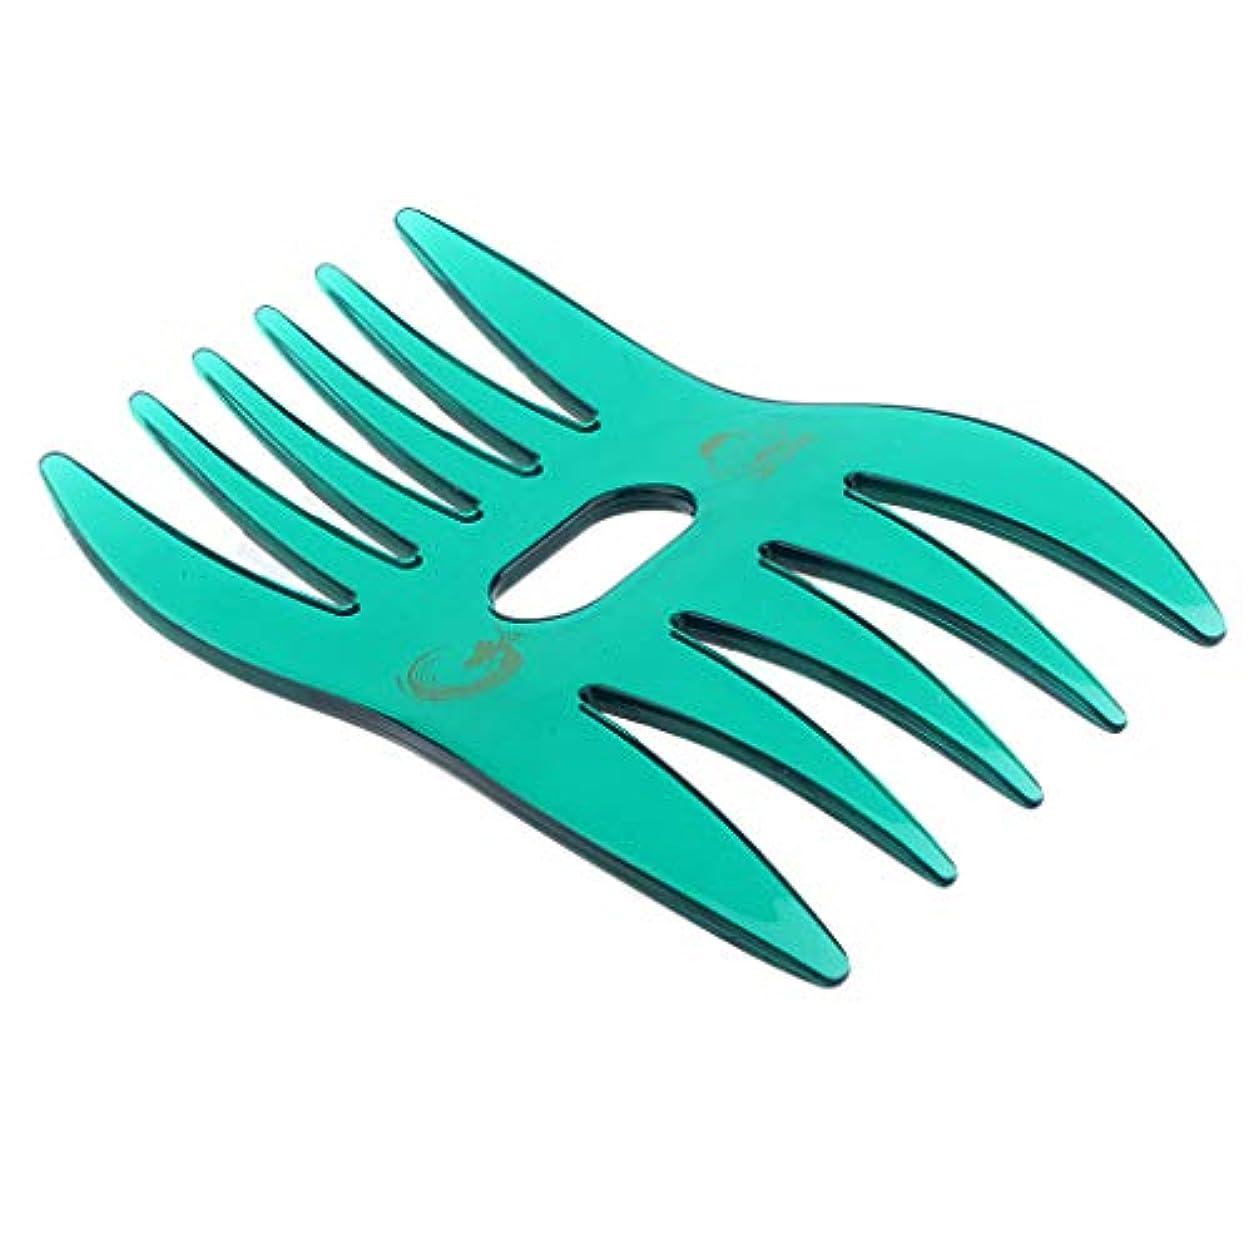 チャートチョップ公園F Fityle ヘアコーム デュアルサイド メンズ オイルヘアコン サロン ヘアスタイル 4色選べ - 緑